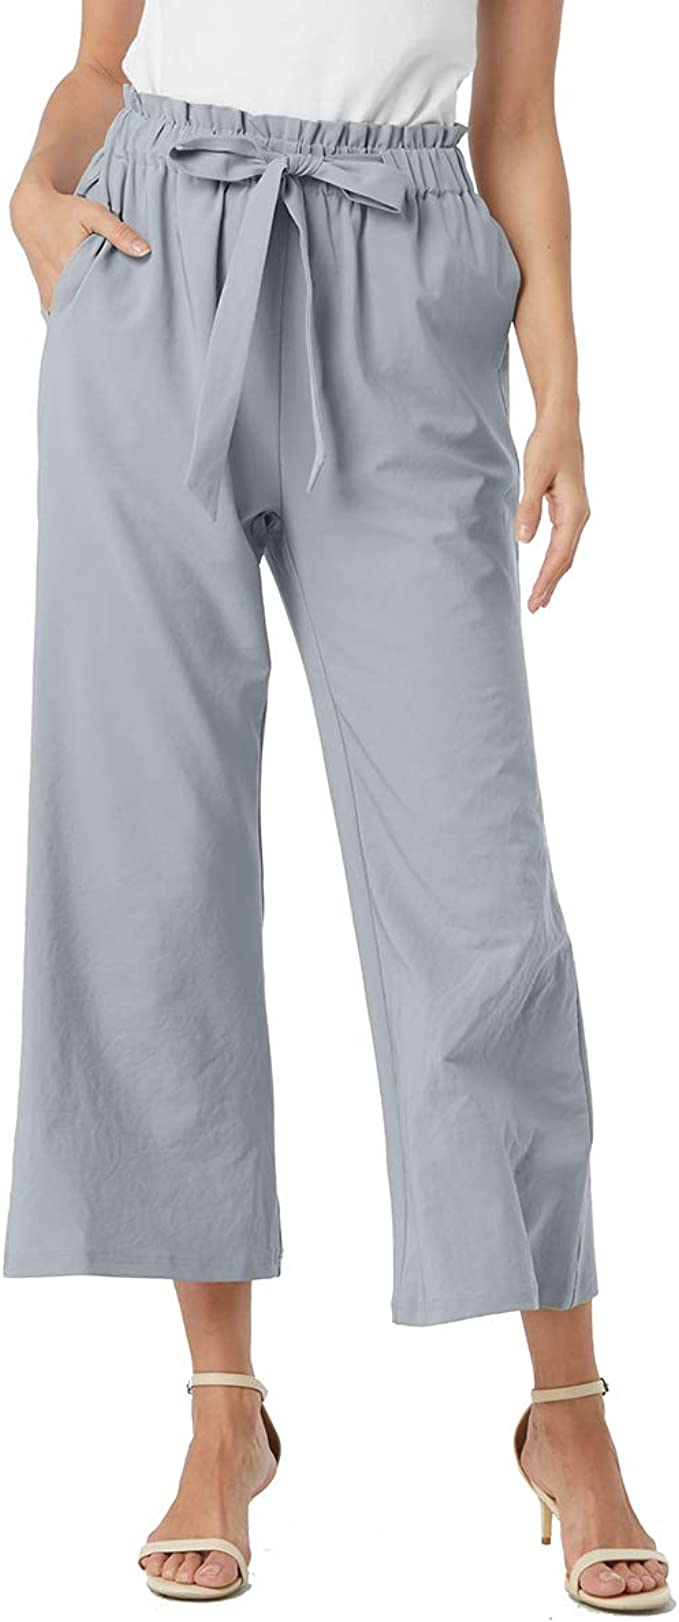 Pantalones De Playa Para Mujer De Aprance Con Pierna Ancha Informales Sueltos Suaves Comodos Transpirables Elasticos M Clothing Amazon Com